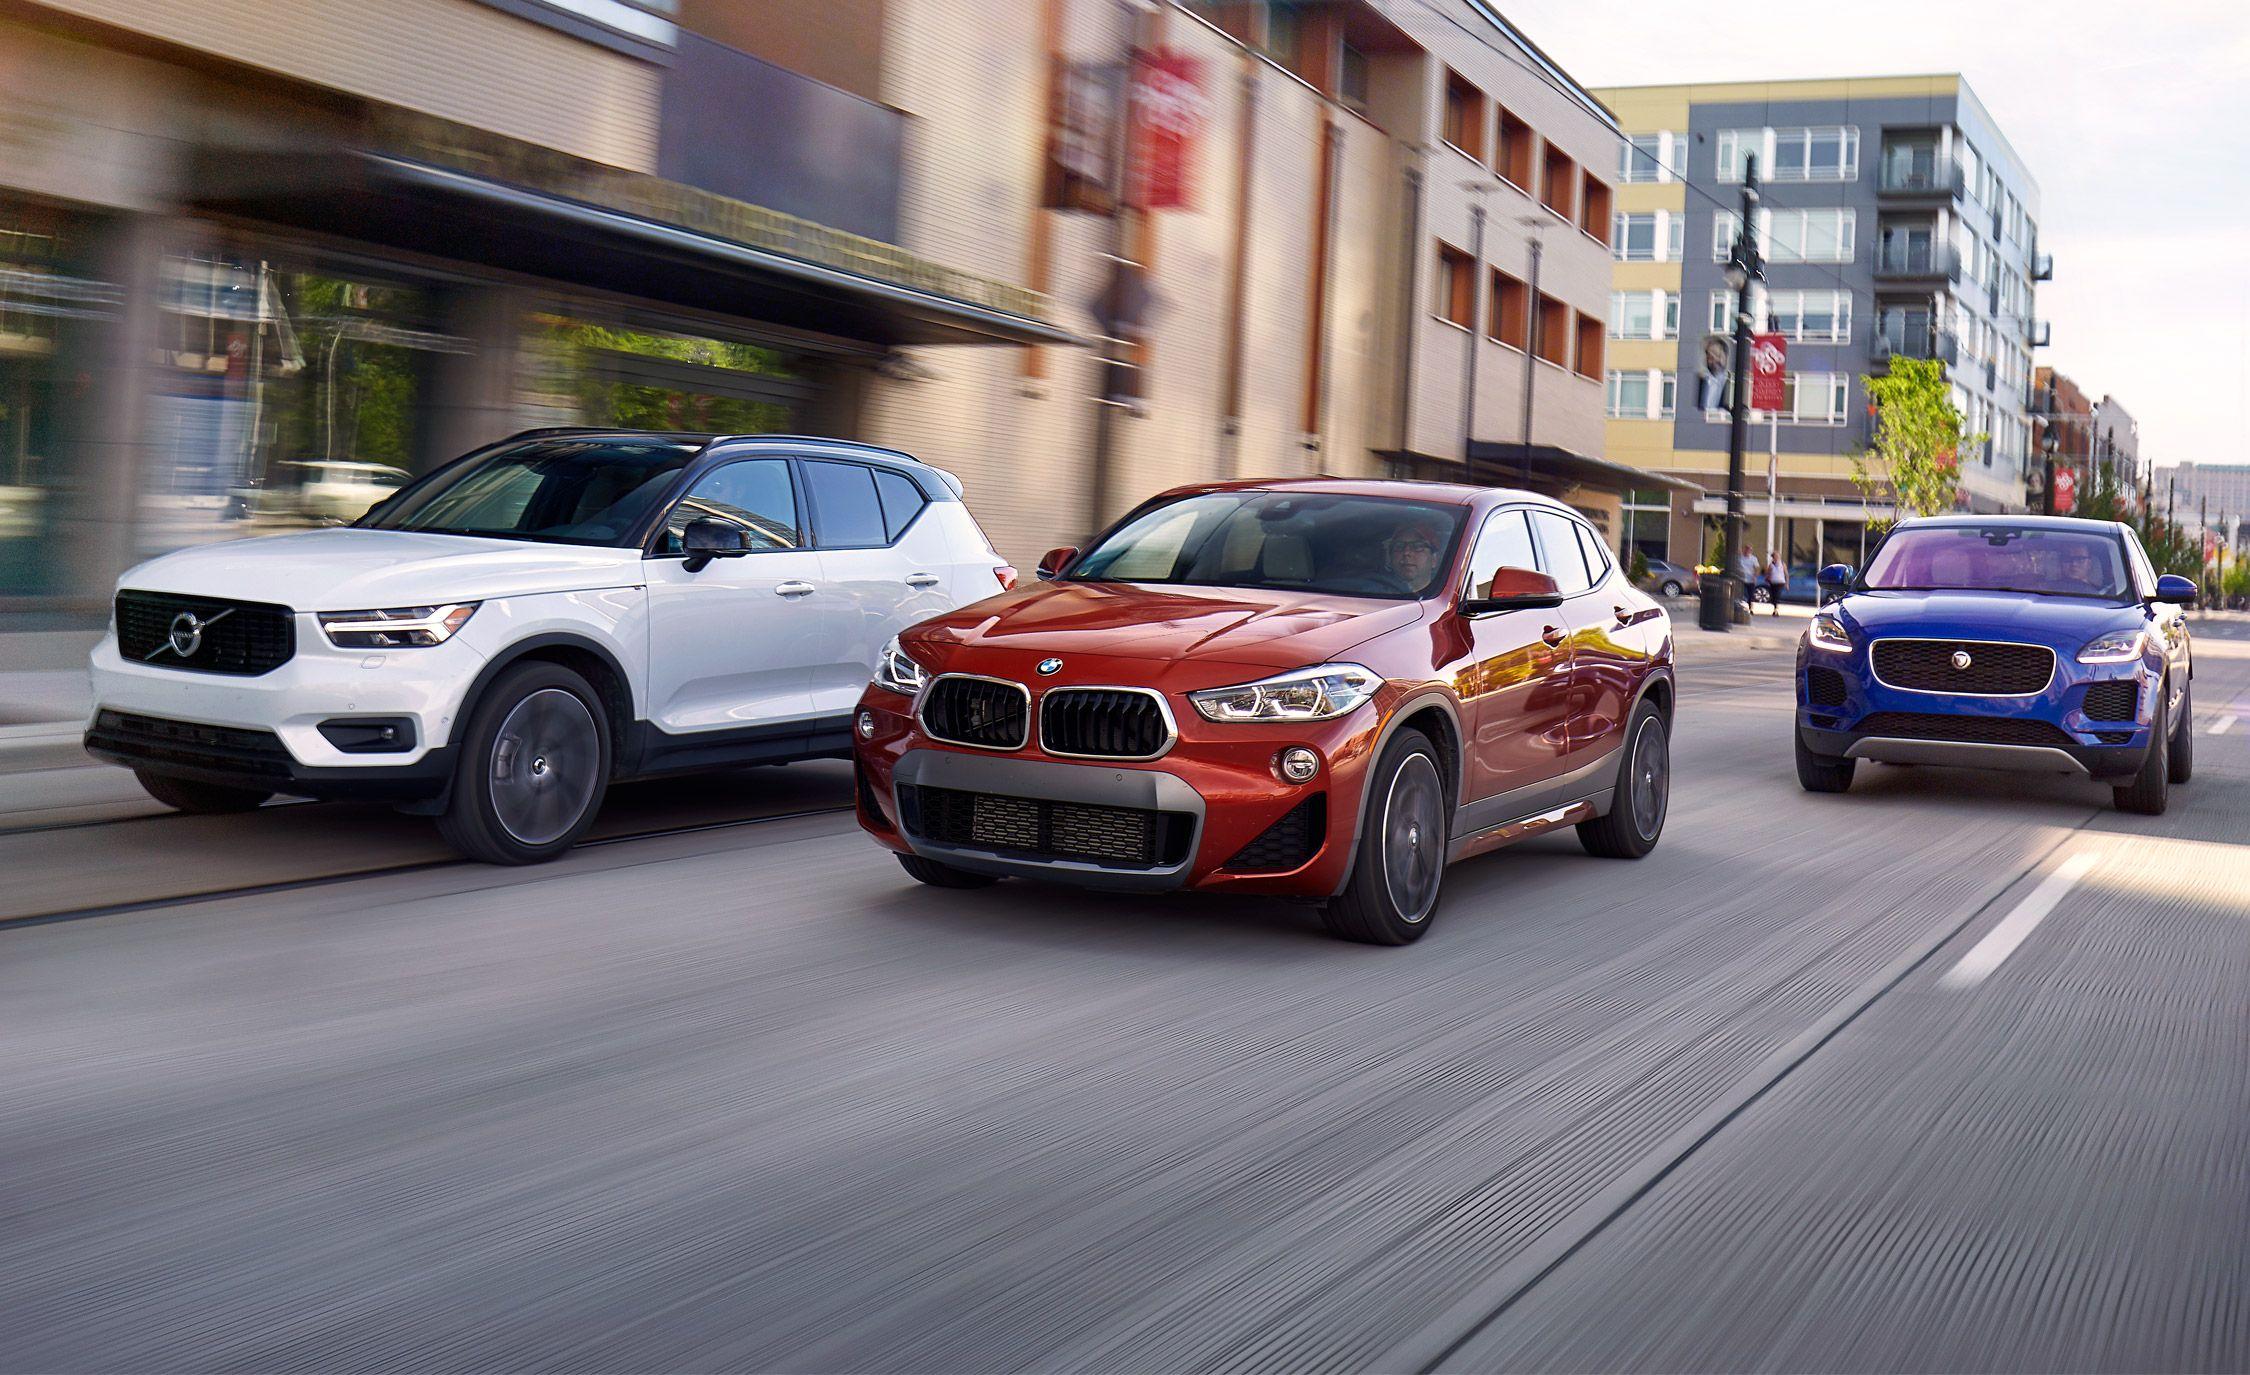 2019 Jaguar E Pace Reviews Jaguar E Pace Price Photos And Specs